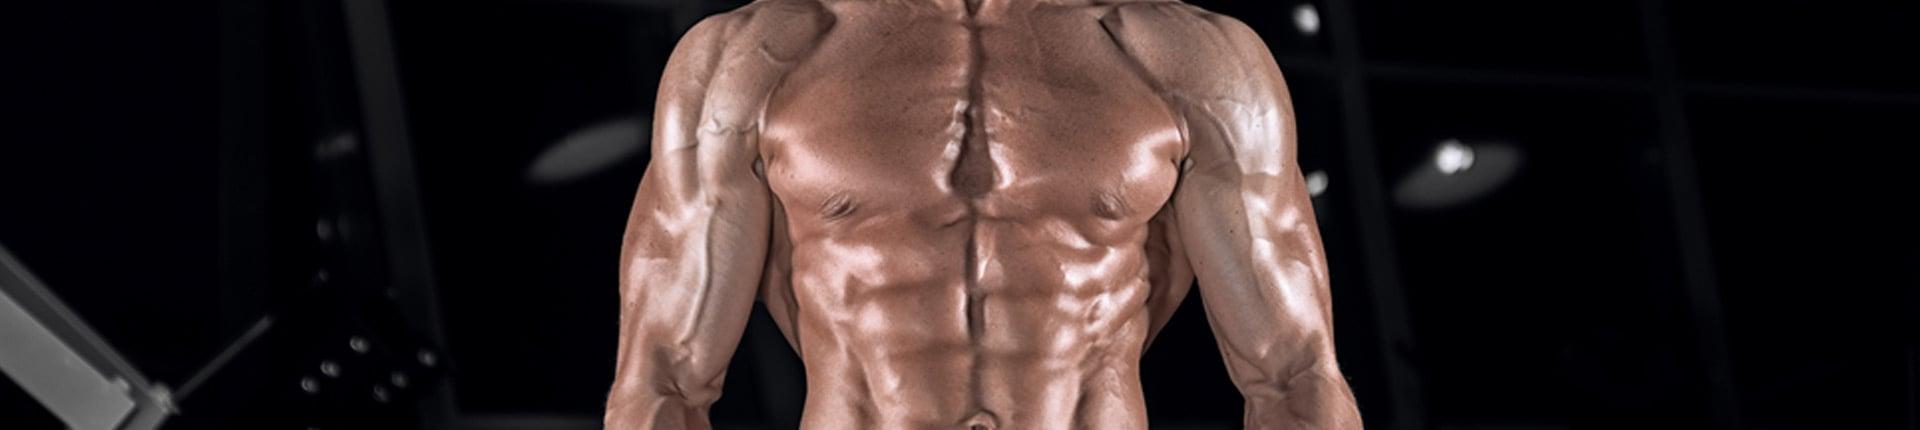 Salbutamol - redukcja tłuszczu i odchudzanie